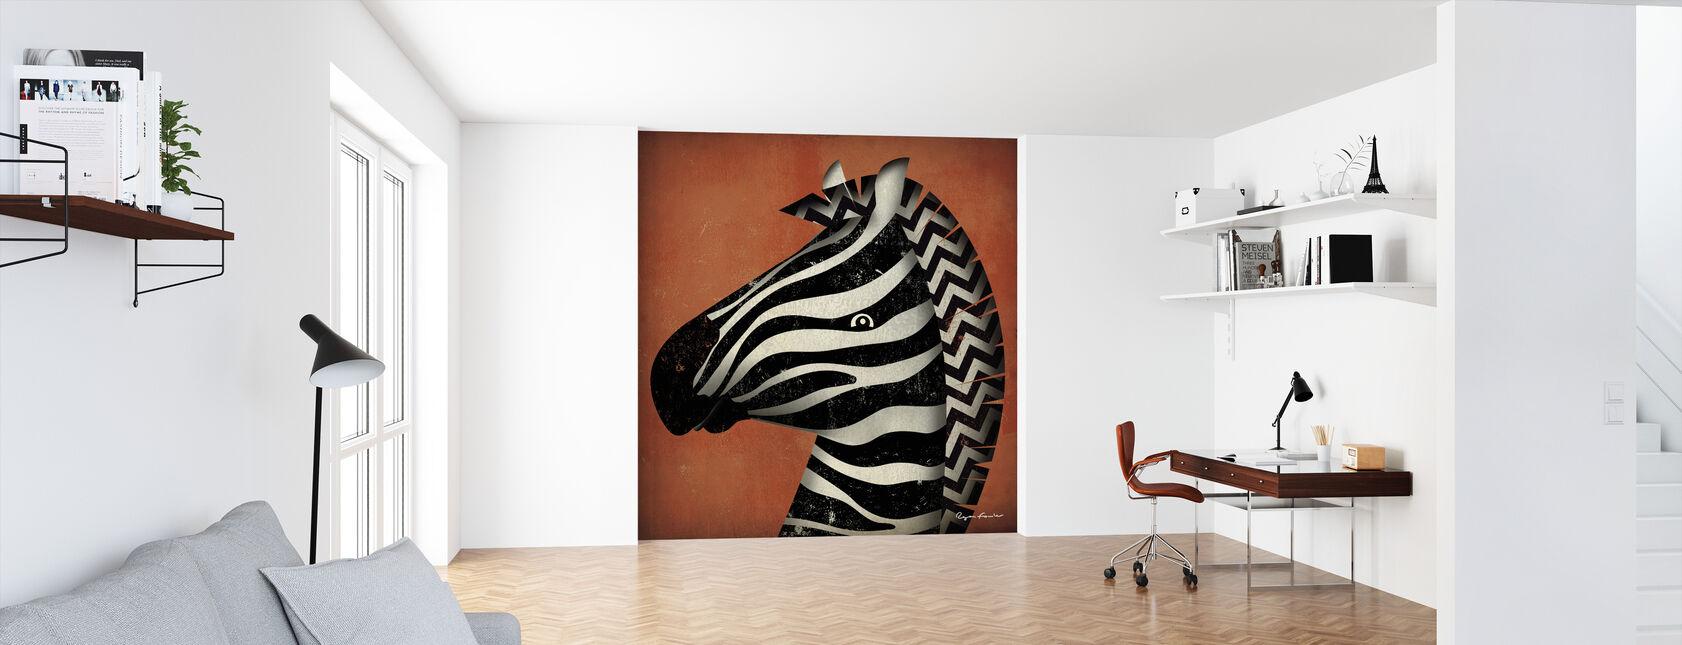 Ryan Fowler - Zebra - Behang - Kantoor